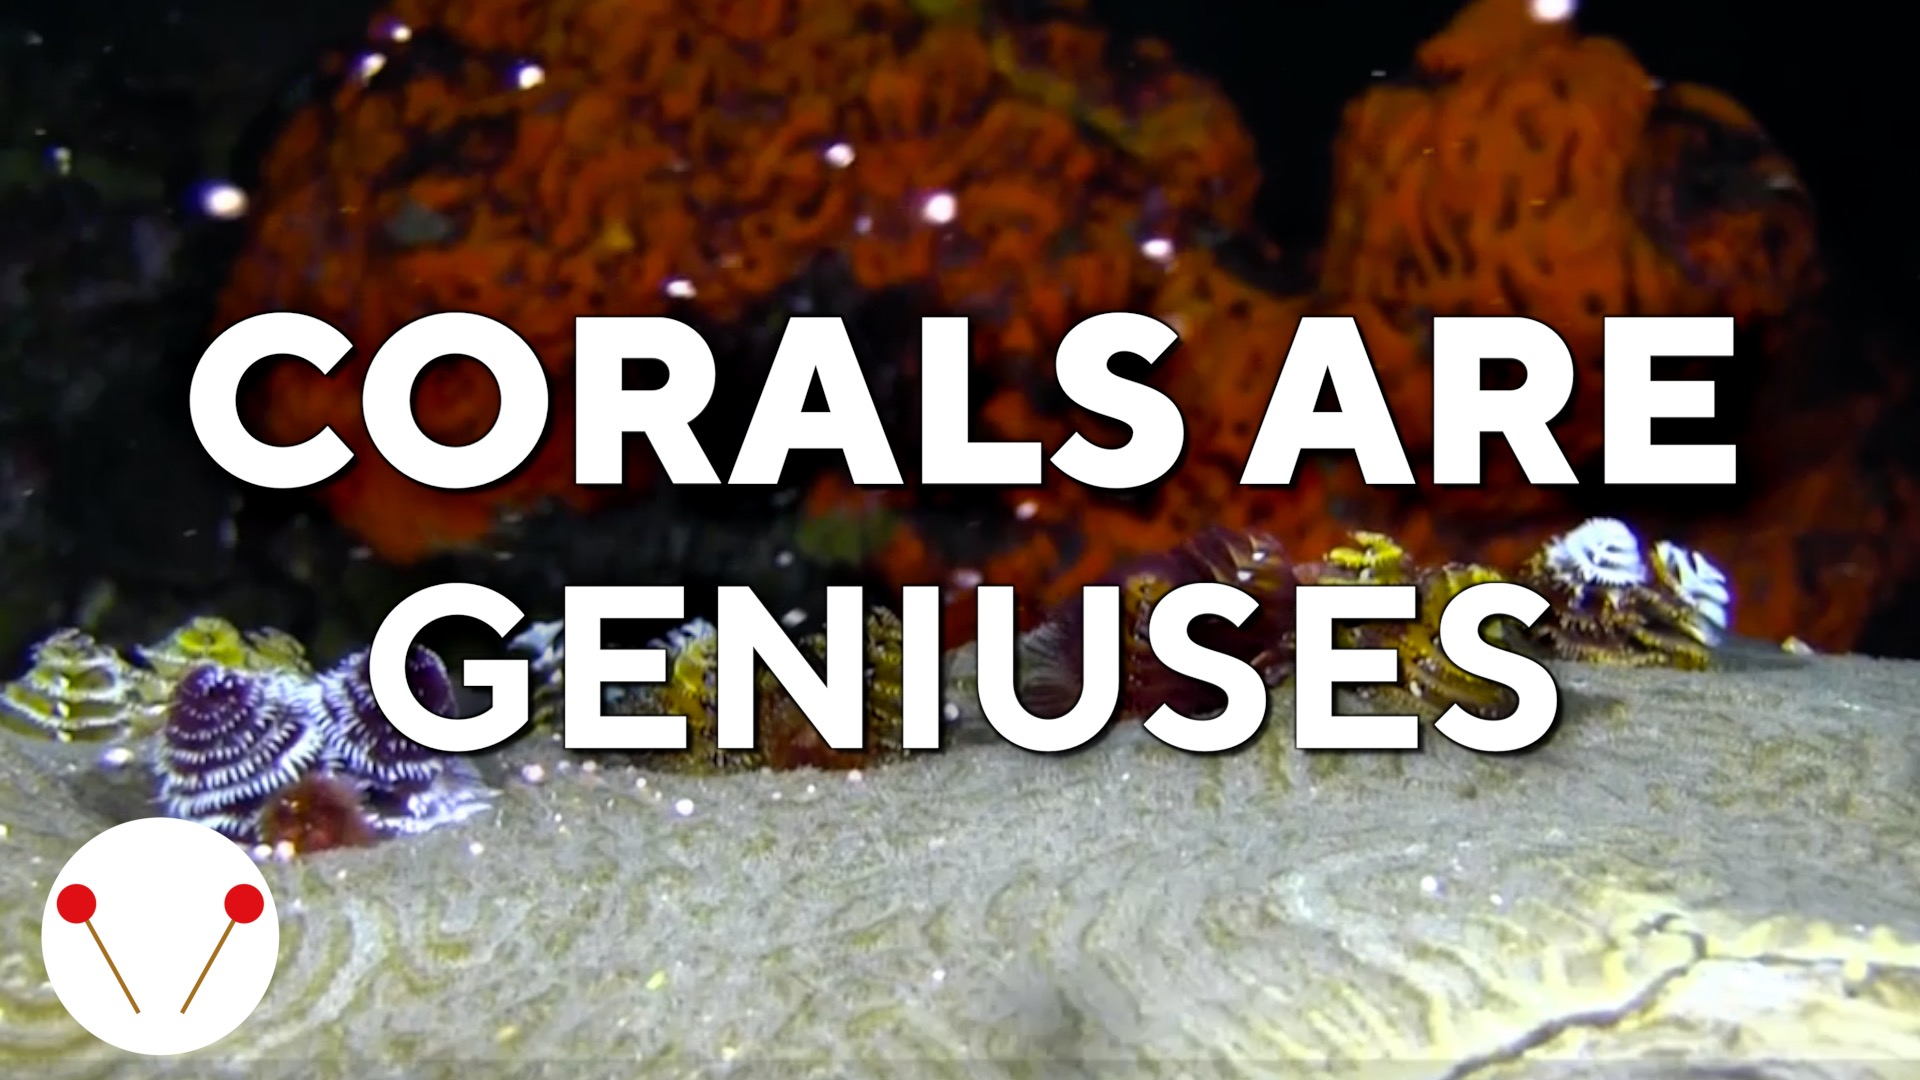 Corals are geniuses